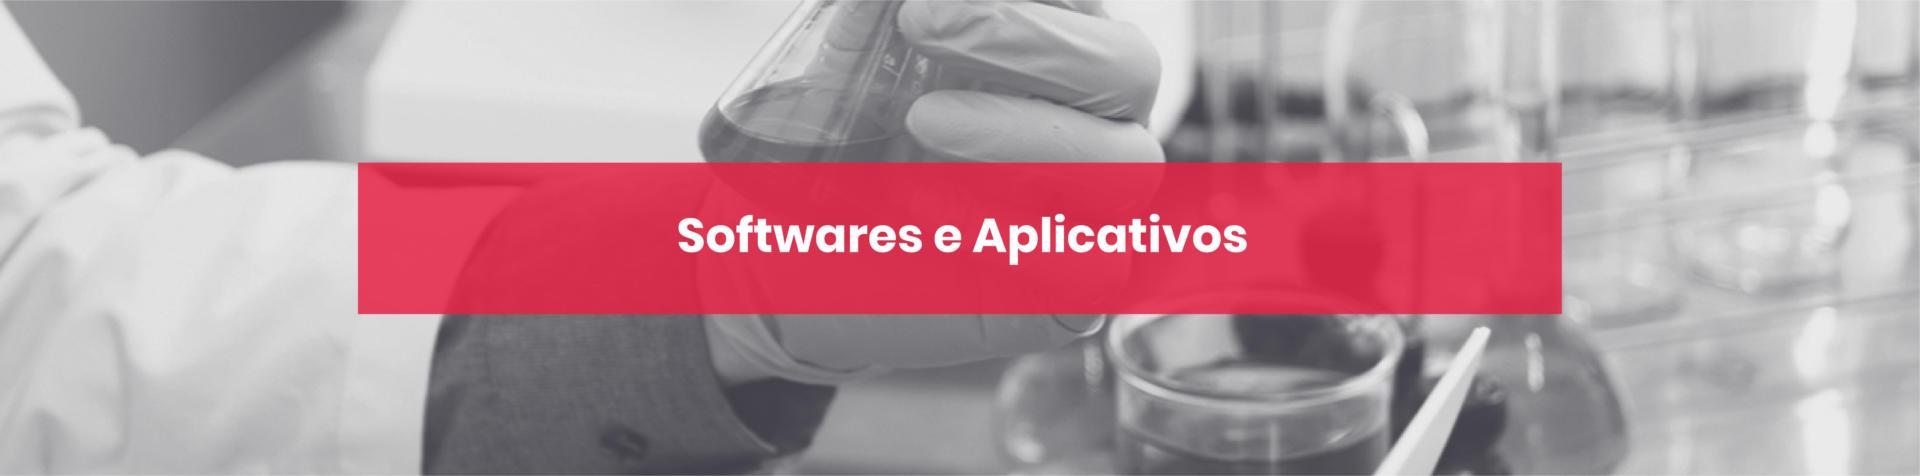 Softwares e Aplicativos